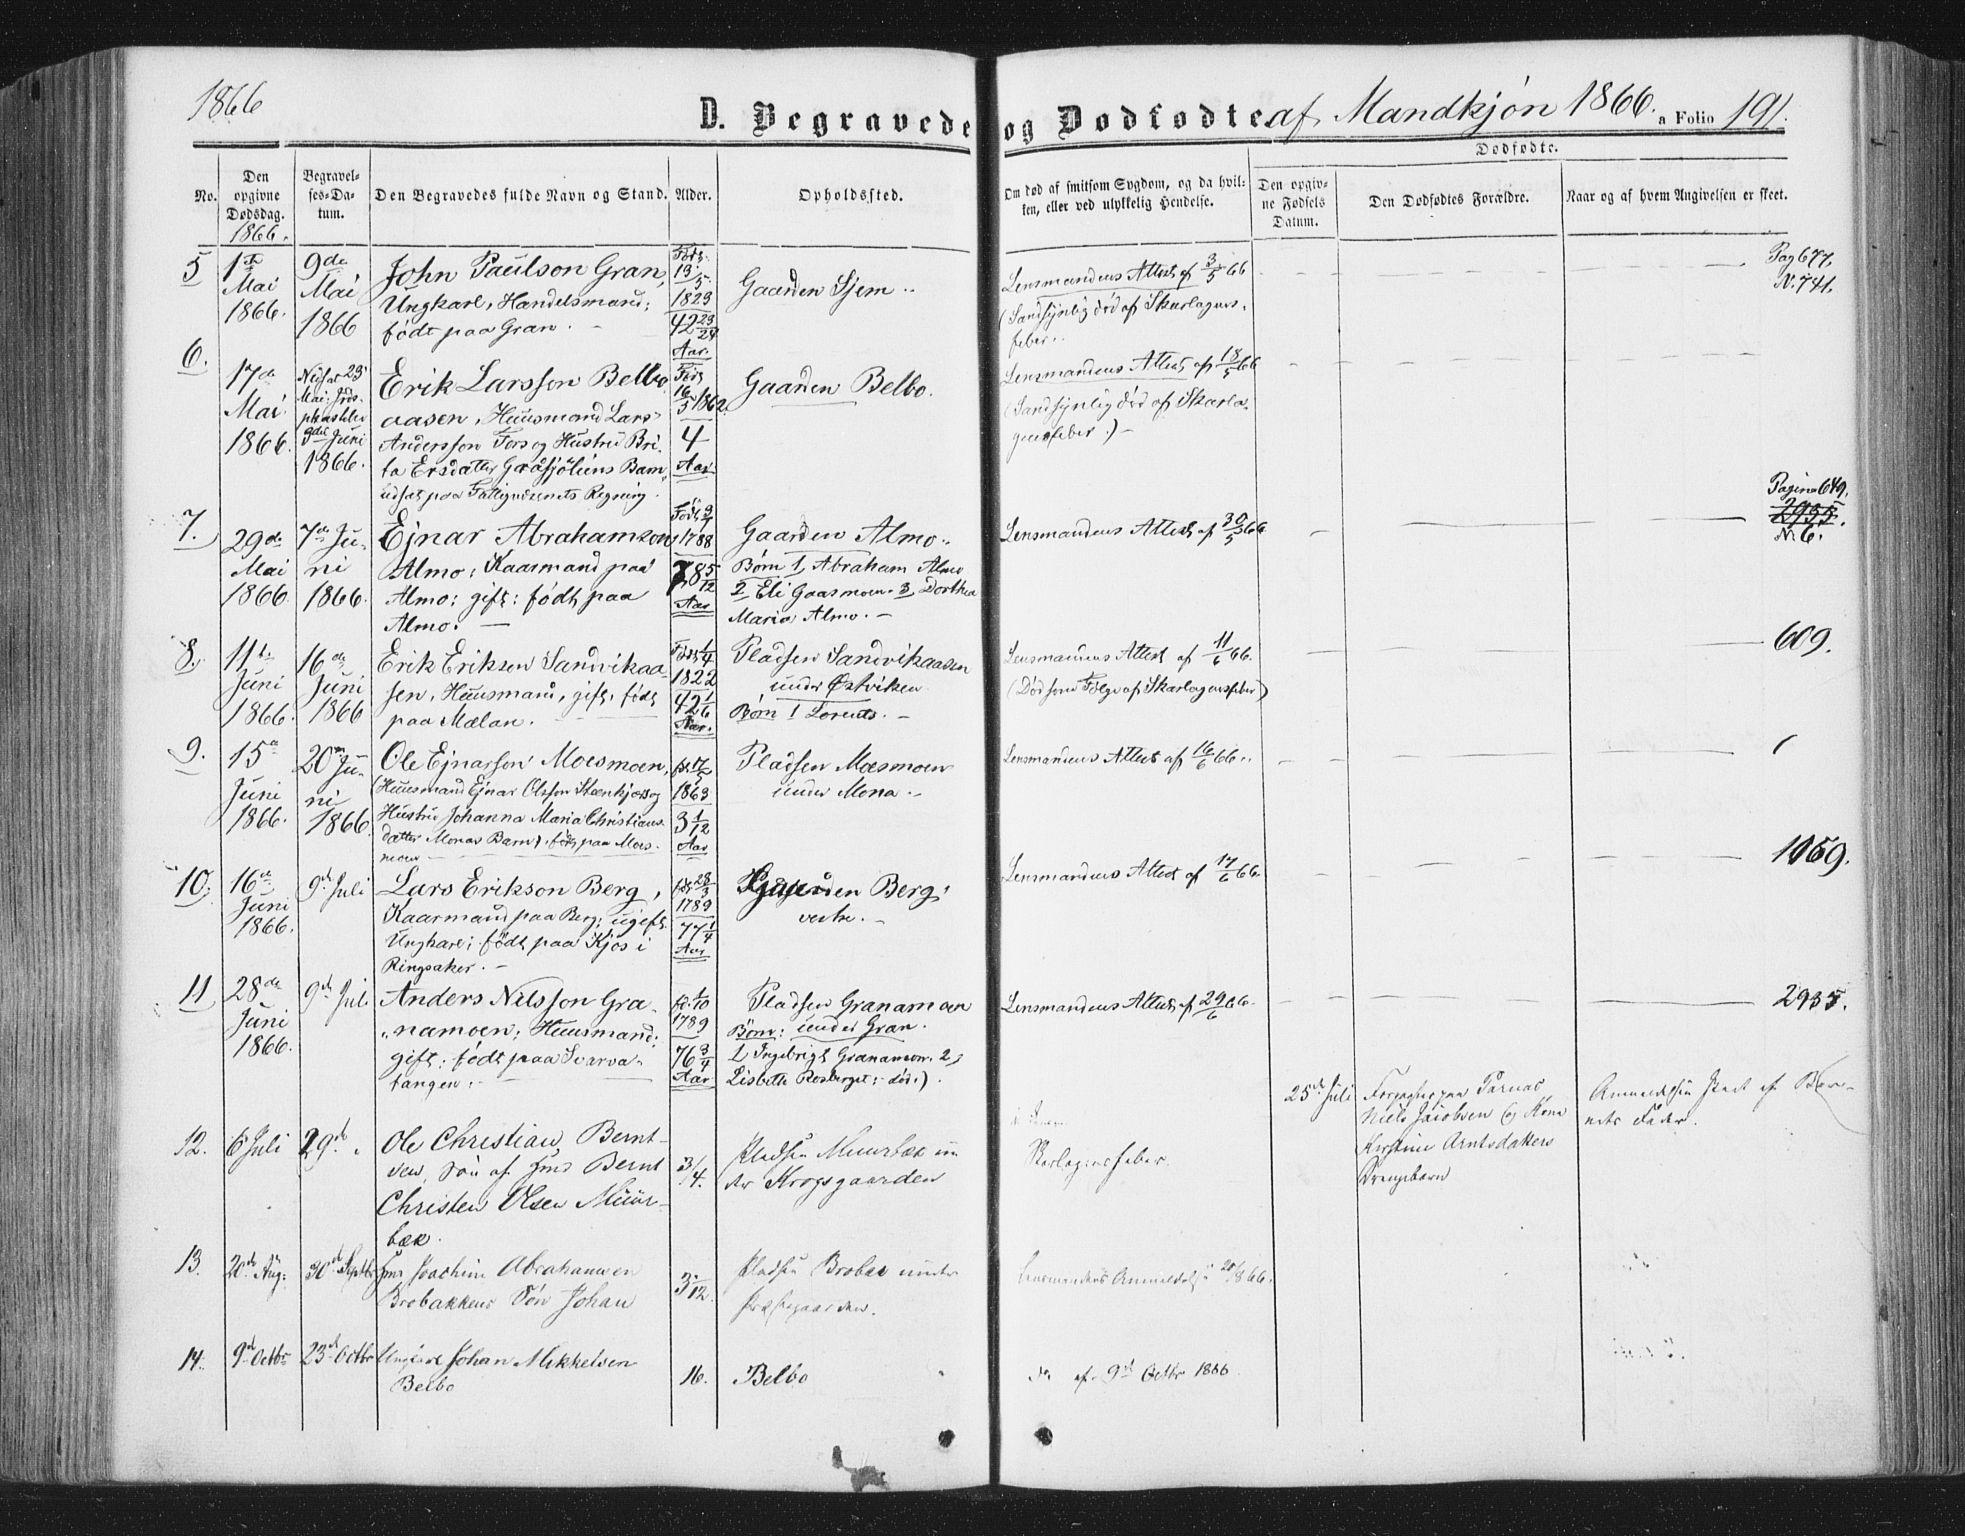 SAT, Ministerialprotokoller, klokkerbøker og fødselsregistre - Nord-Trøndelag, 749/L0472: Ministerialbok nr. 749A06, 1857-1873, s. 191